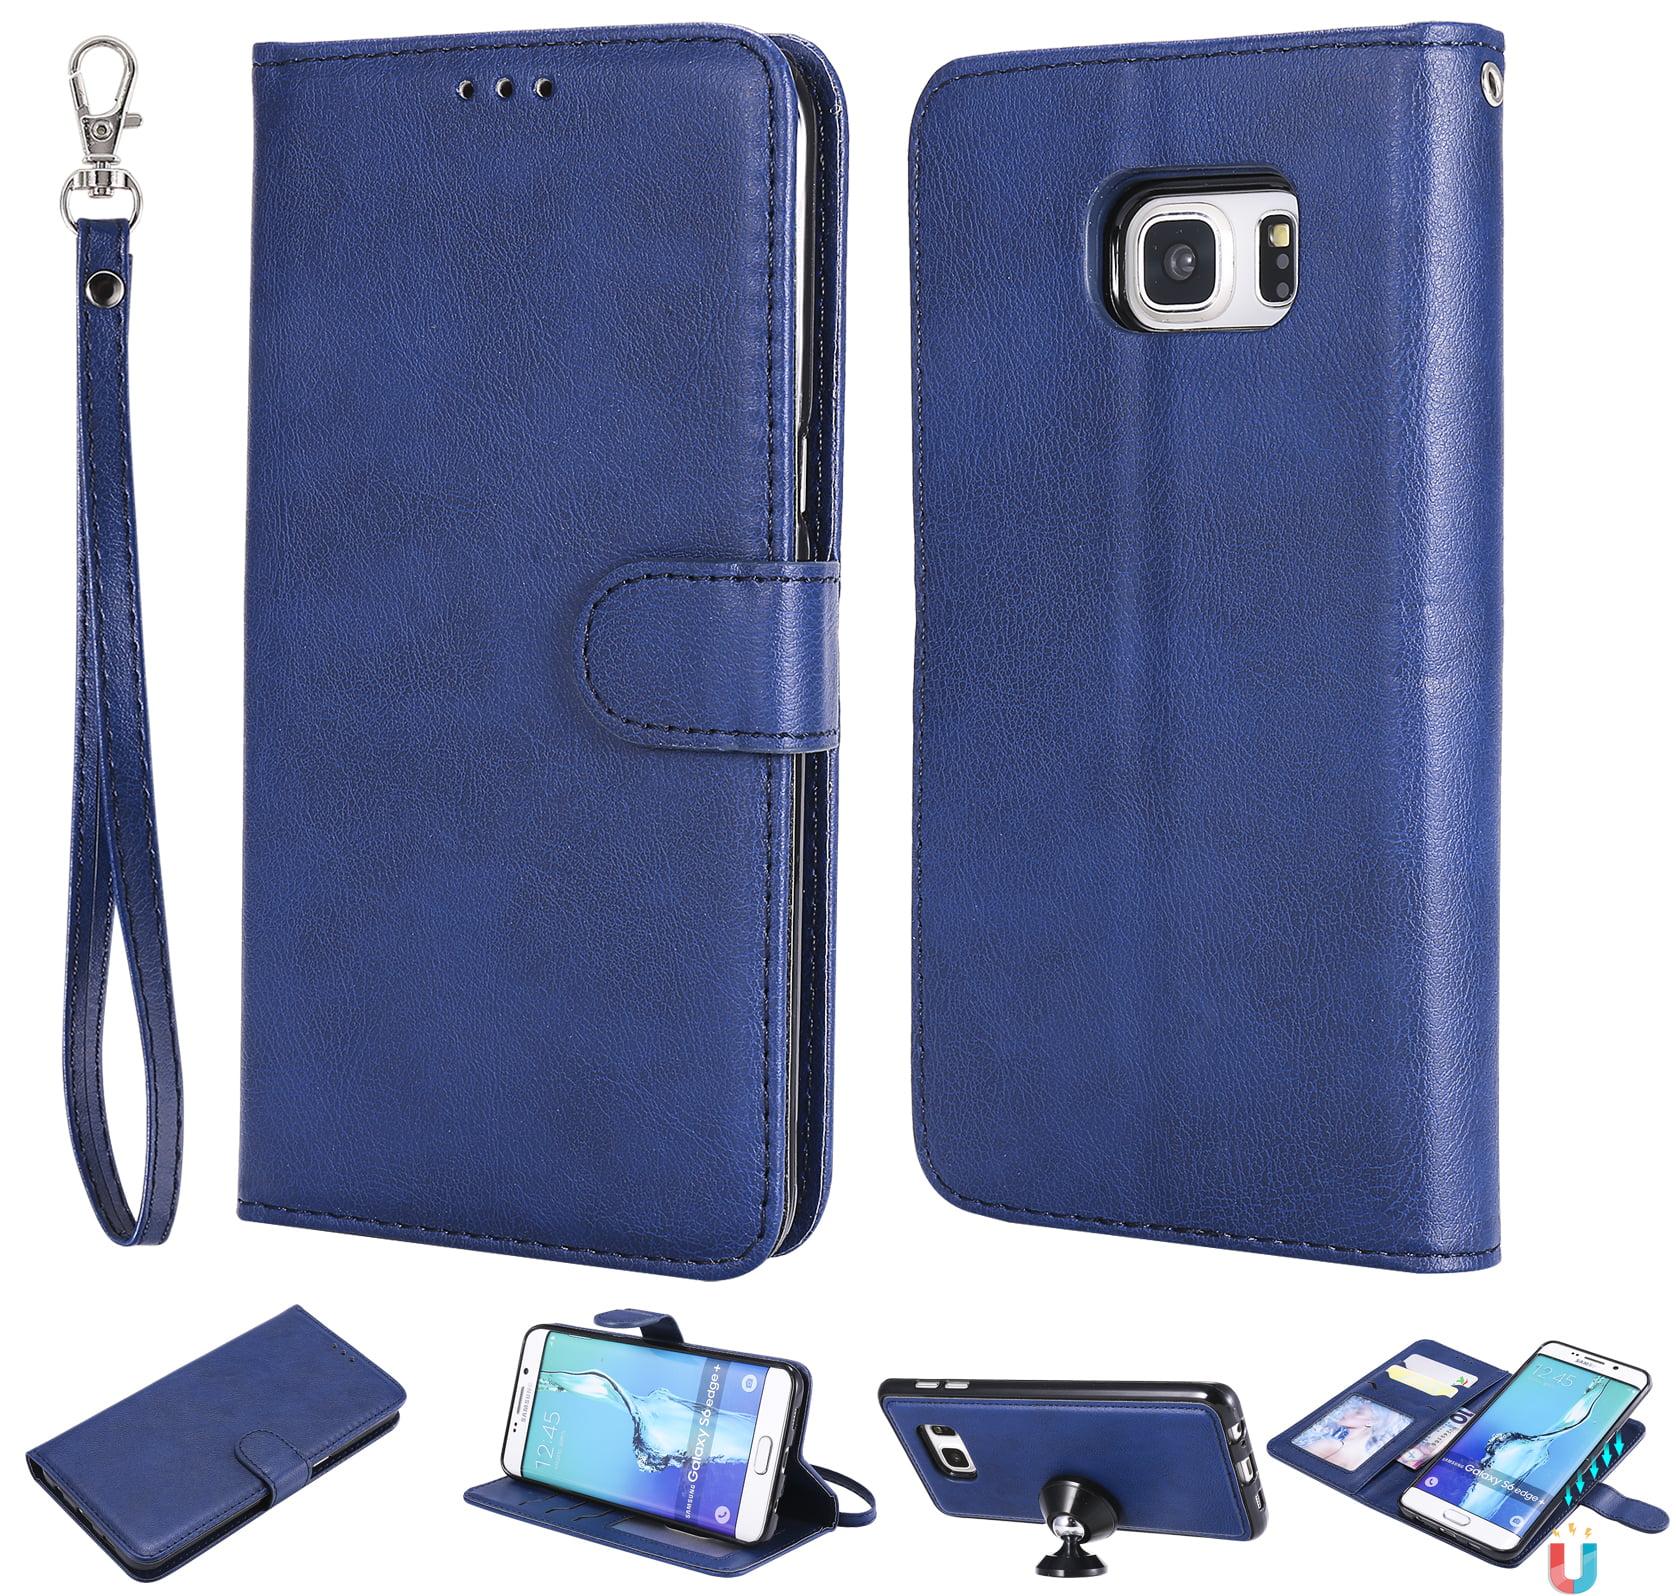 Galaxy S6 Edge Plus Case Wallet, S6 Edge Plus Case, Allytech Premium Leather Flip Case Cover & Card Slots Pocket, Wrist Design Detachable Slim Case for Samsung Galaxy S6 Edge Plus (Blue)